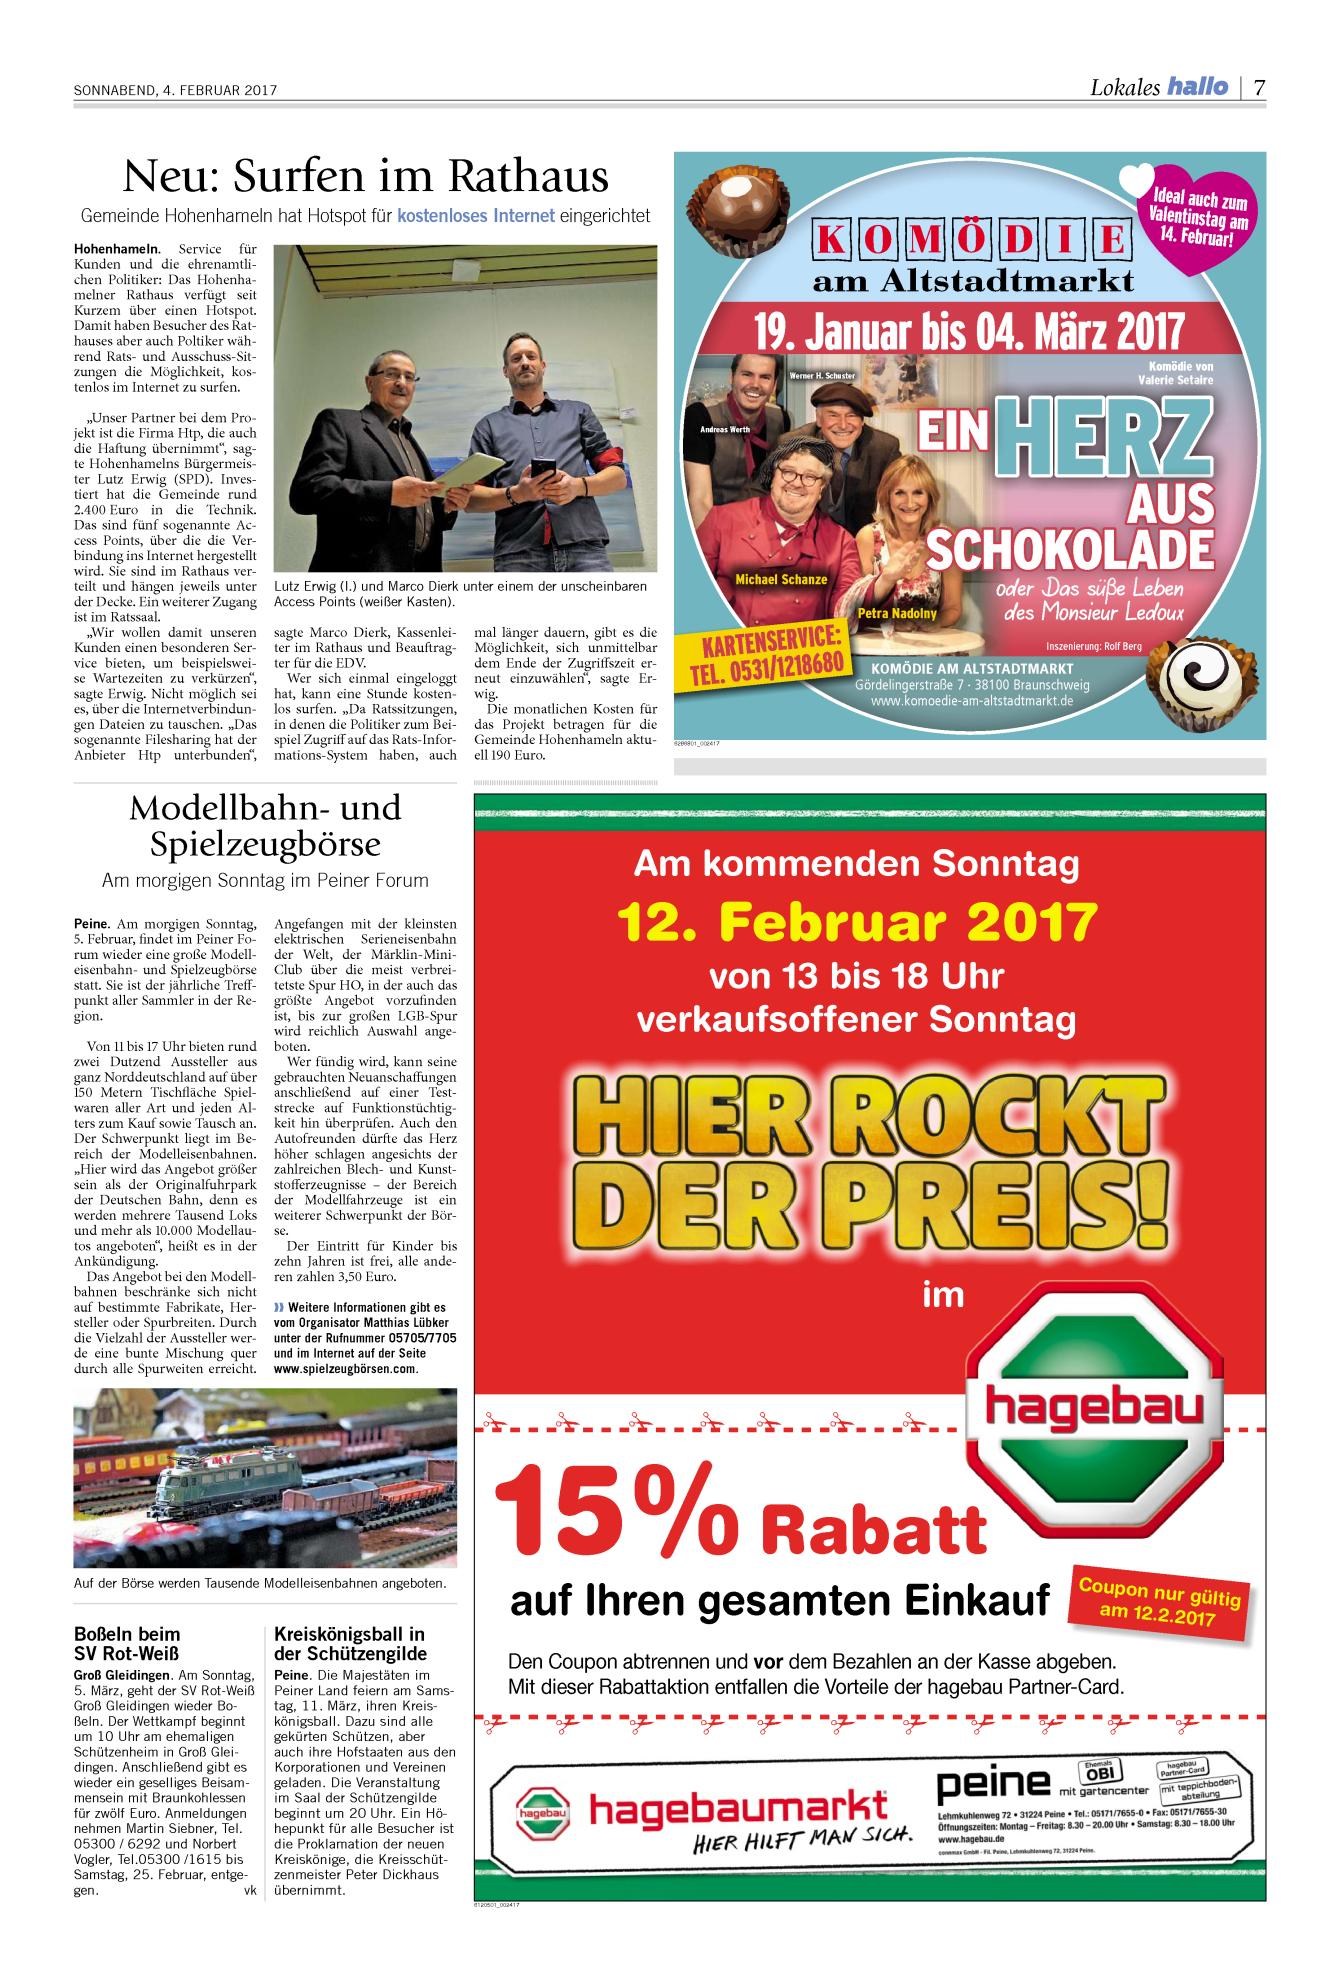 15% Rabatt auf alles bei Hagebau, Lokal Peine 12.02.2017